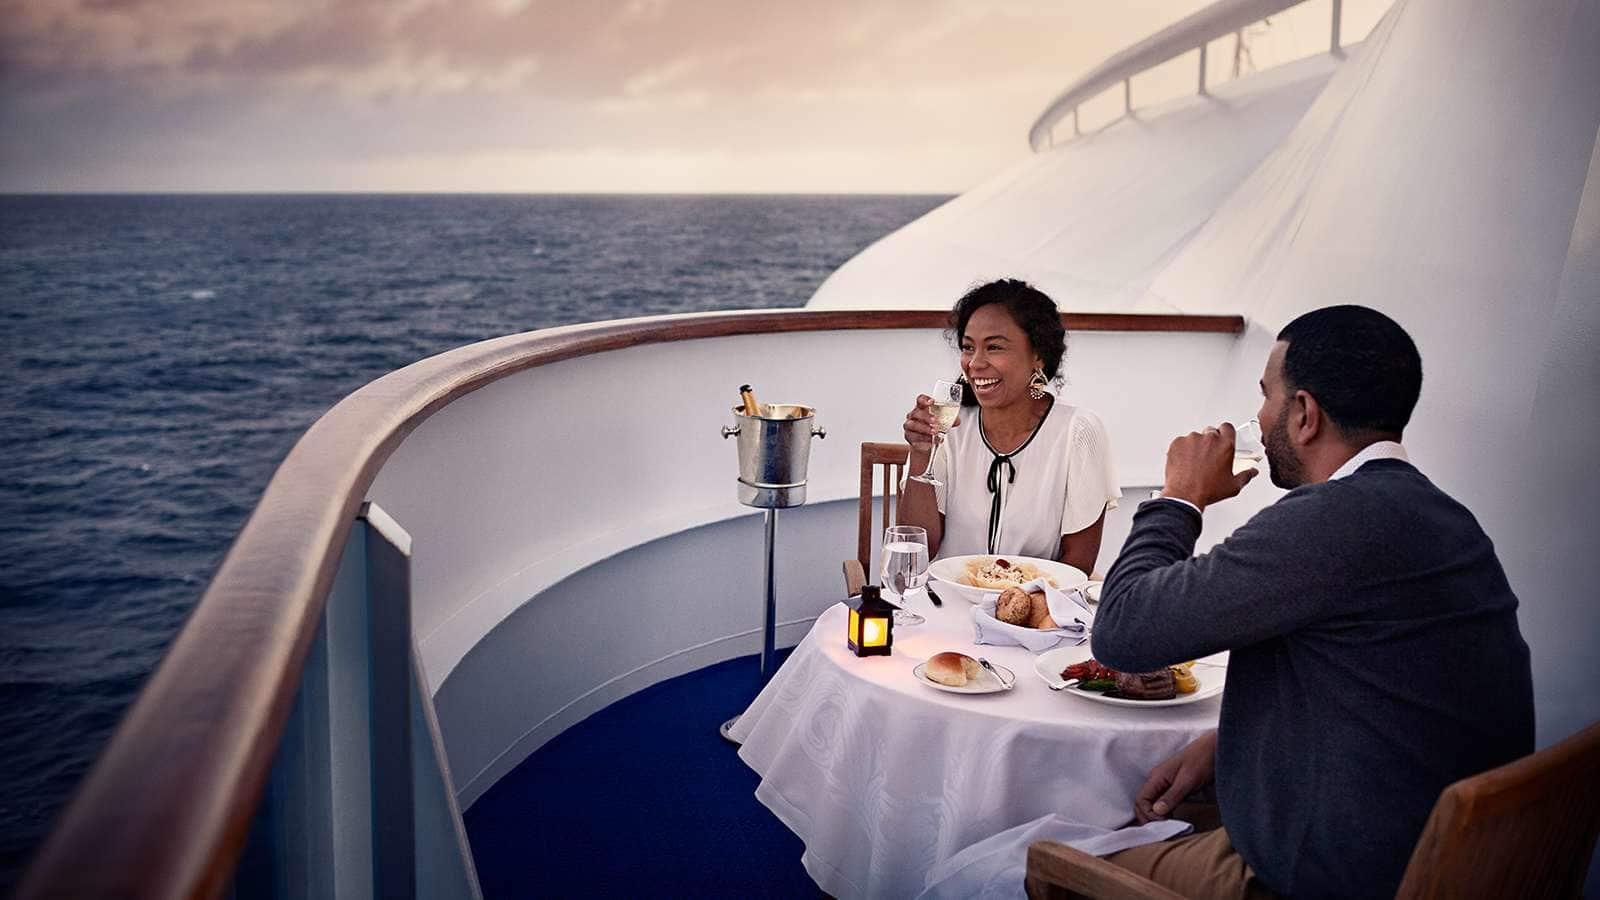 终极阳台用餐服务 Ultimate Balcony Dining